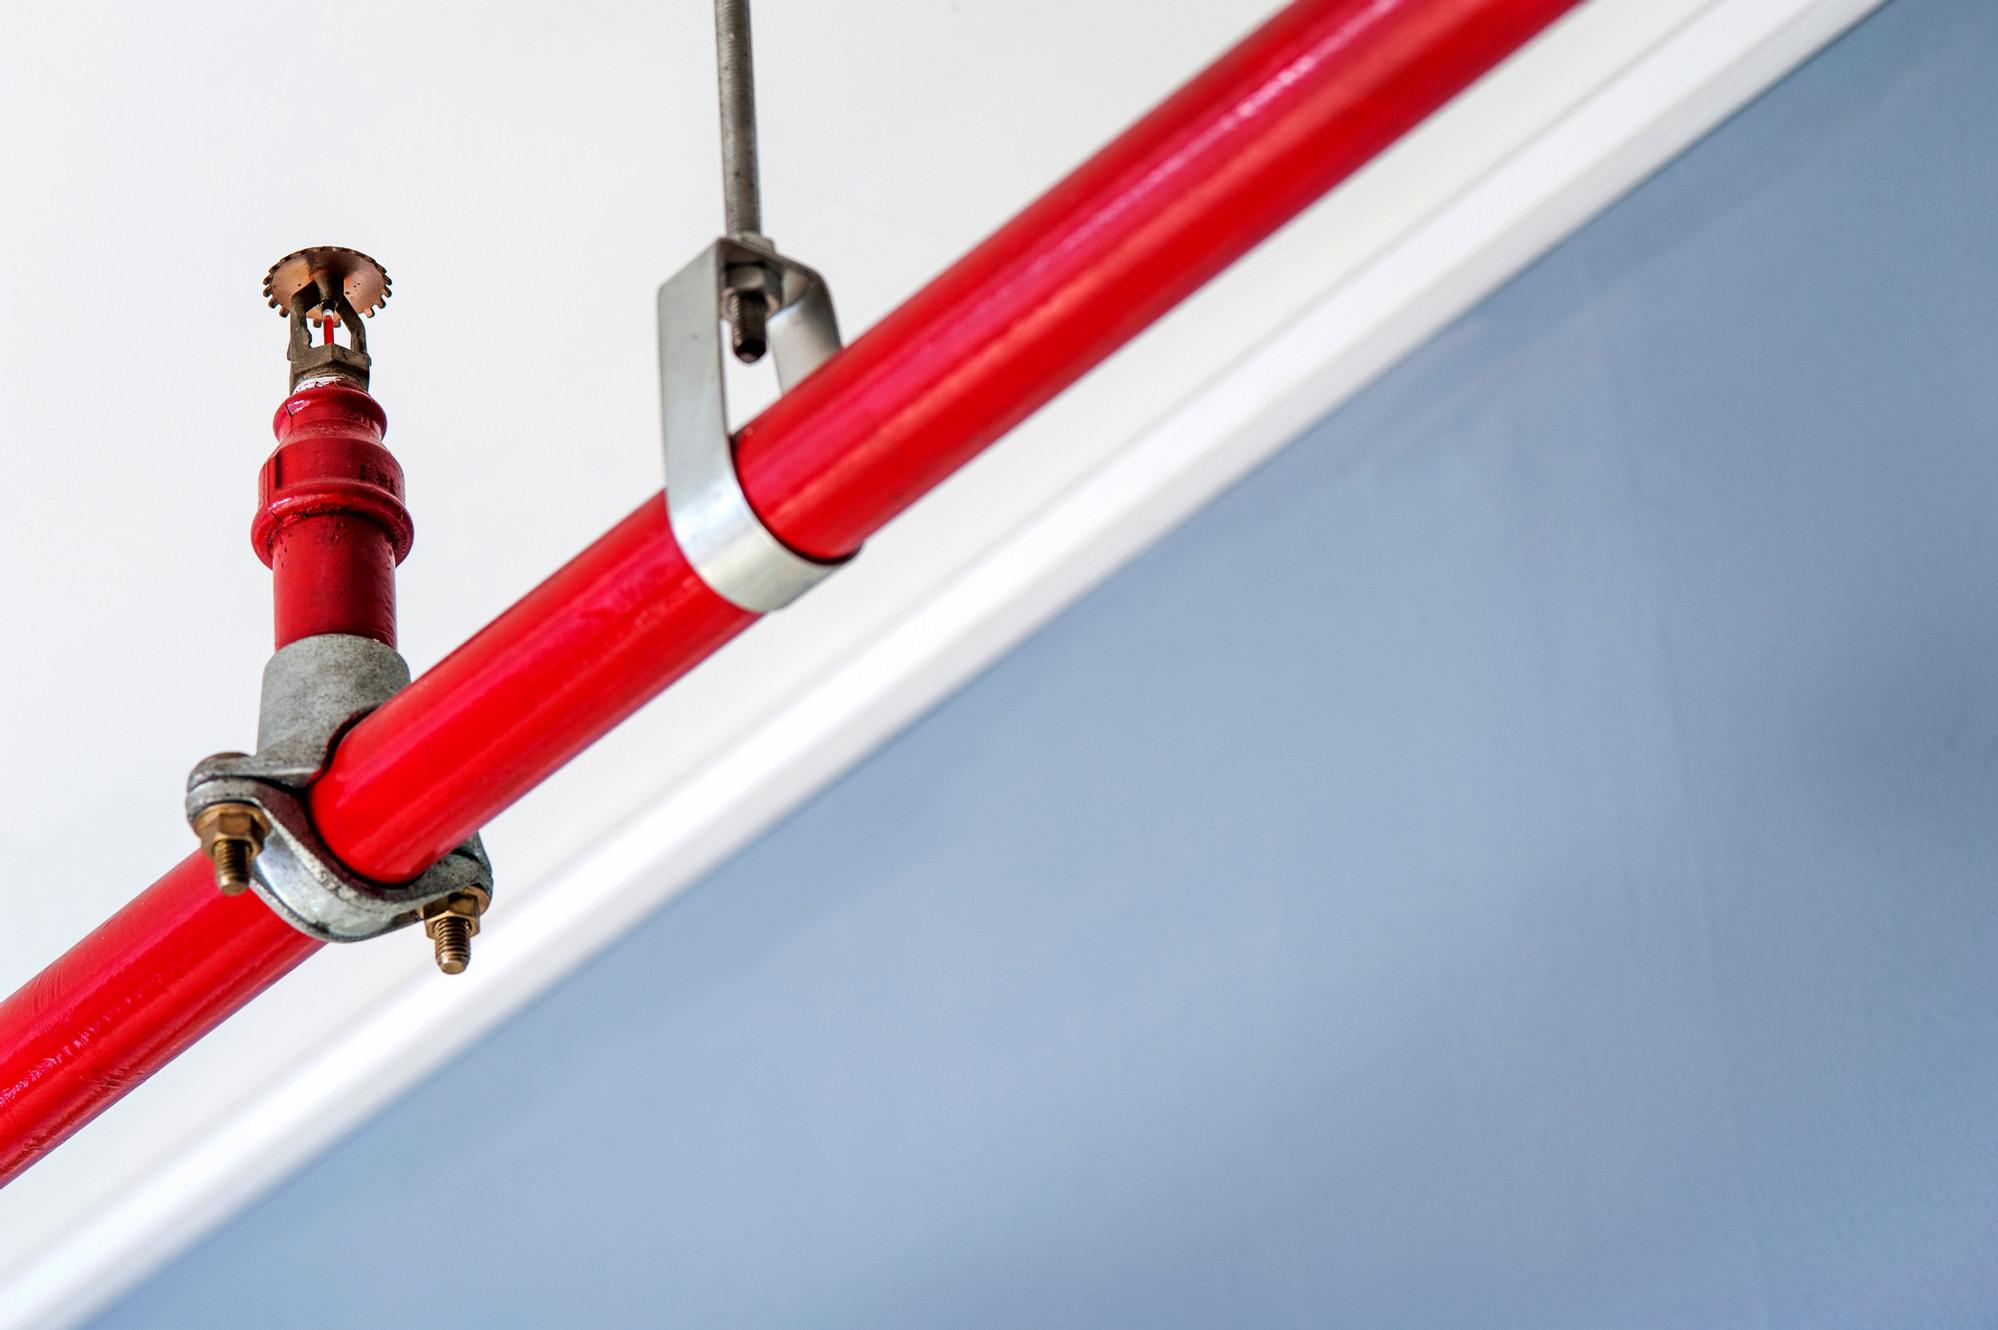 Проектировщики могут выбрать разные варианты крепления и размещения спринклеров. Это зависит от особенностей системы водопровода объекта.